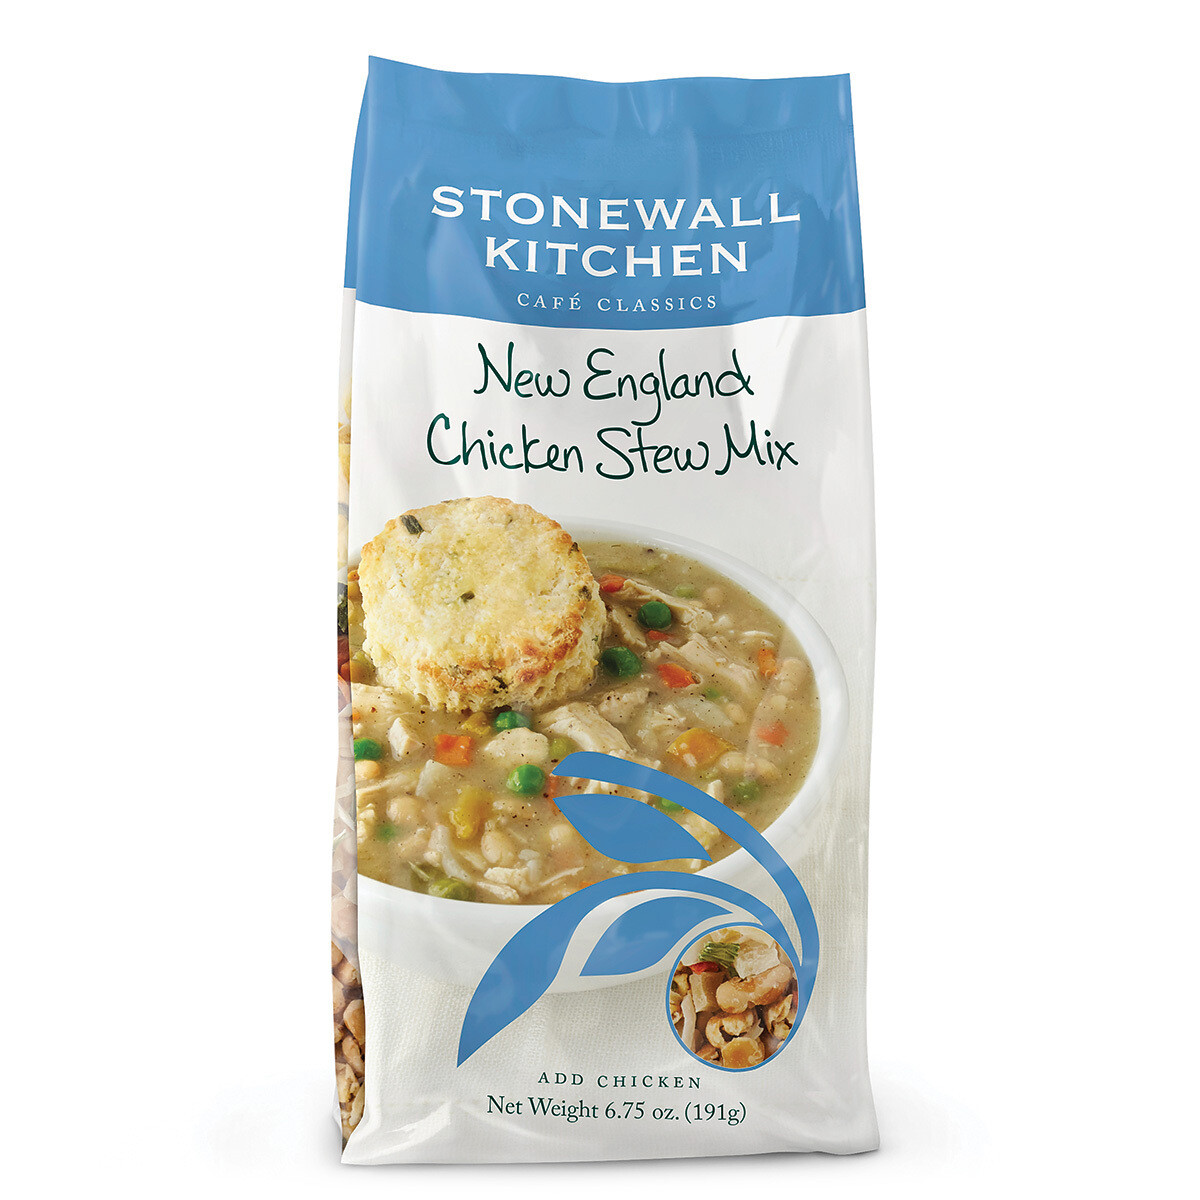 New England chicken stew mix